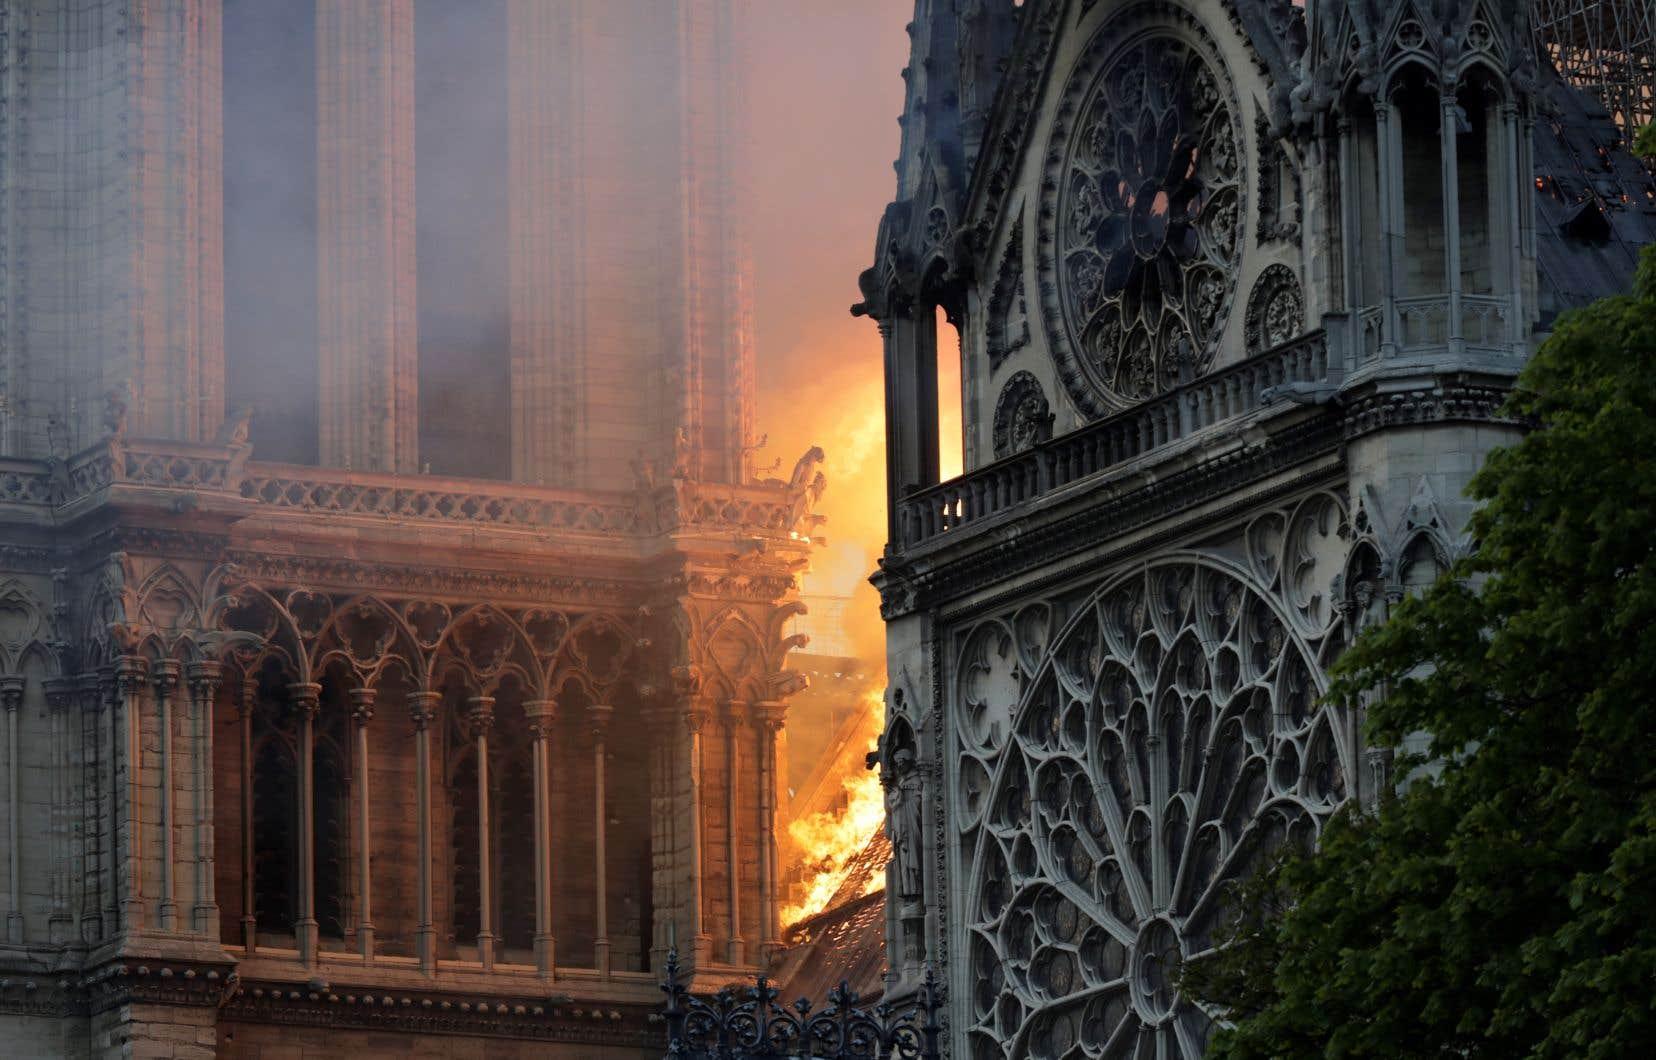 Les flammes dévorent le bâtiment gothique aux impressionnantes gargouilles, dont la construction a commencé au Moyen-Age.